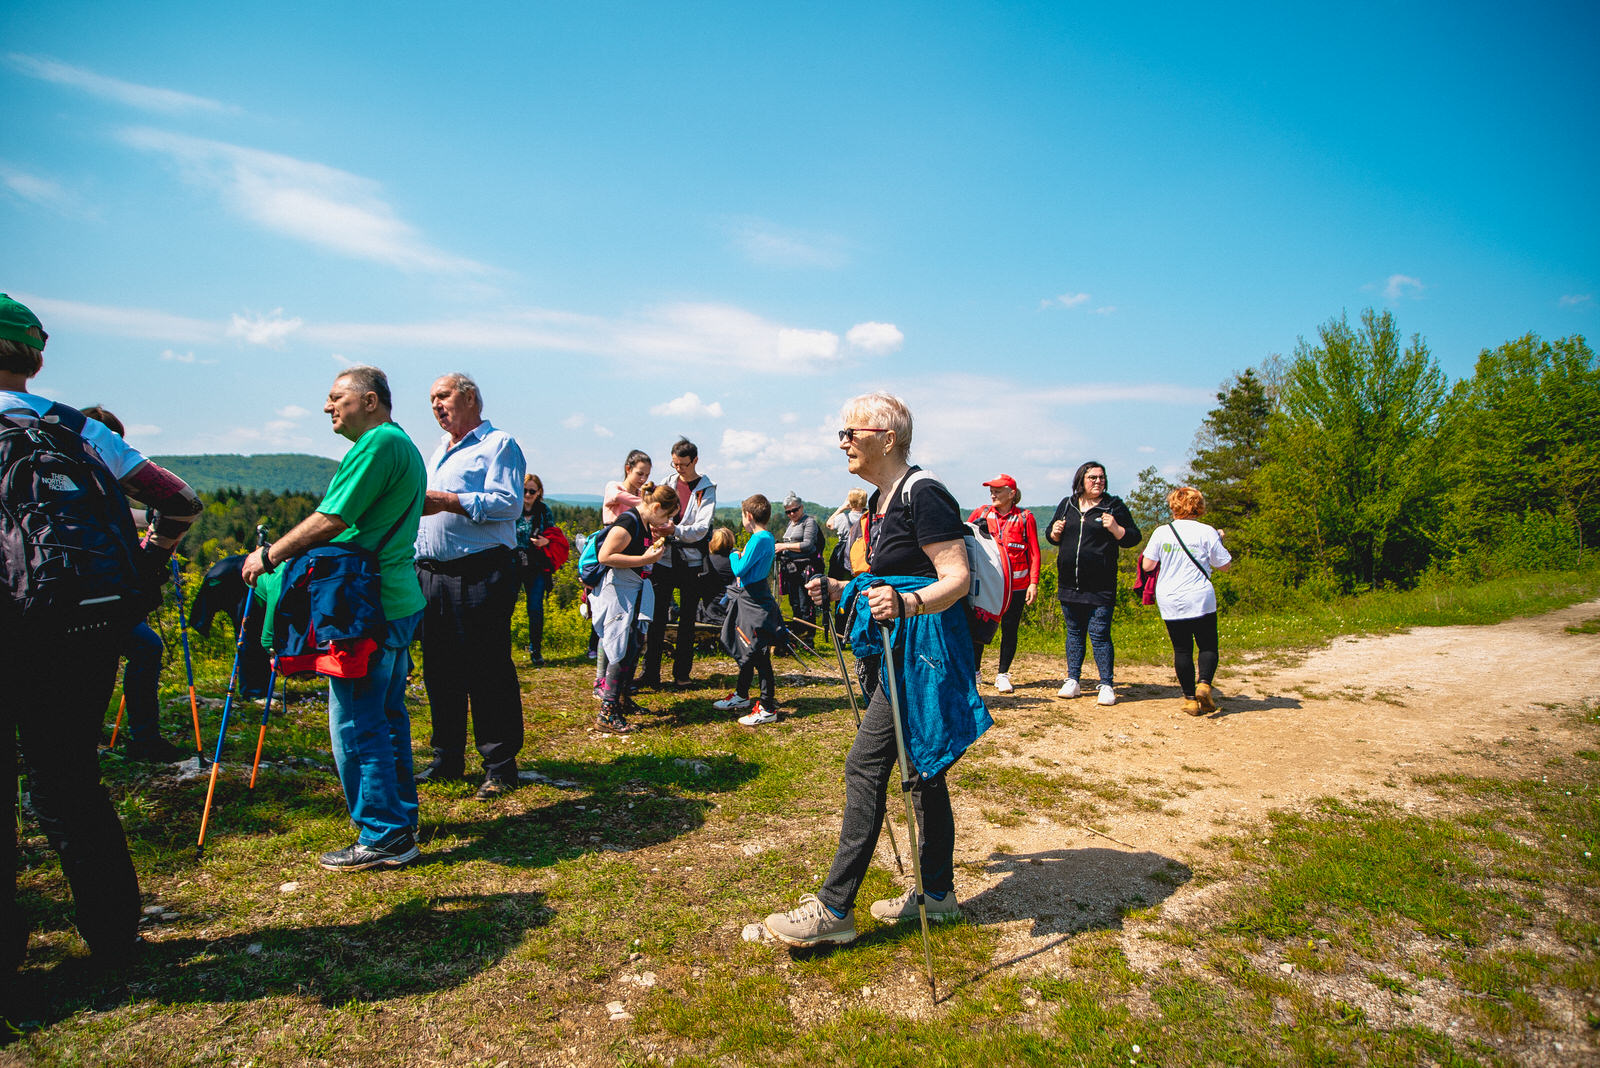 likaclub_slunj_rastoke_5-festival-nordijskog-hodanja_2019-80